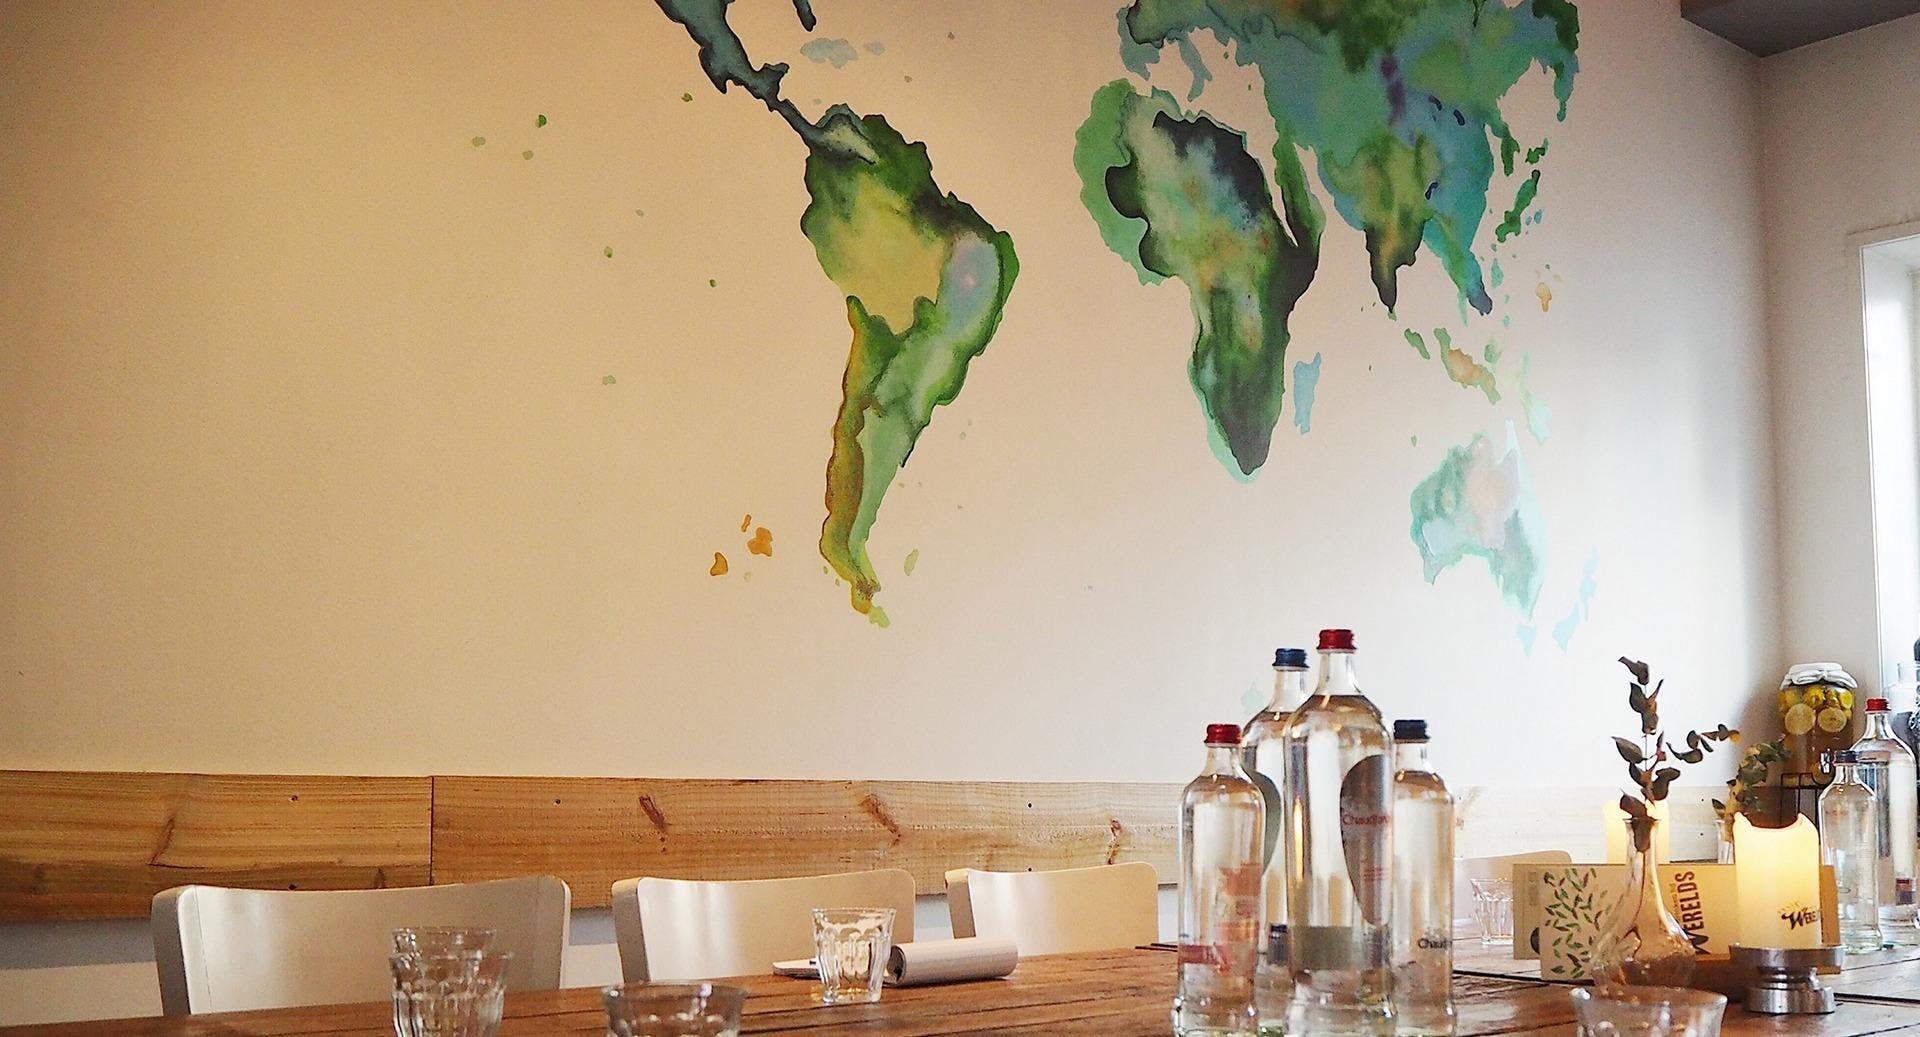 Eten bij Werelds The Hague image 3